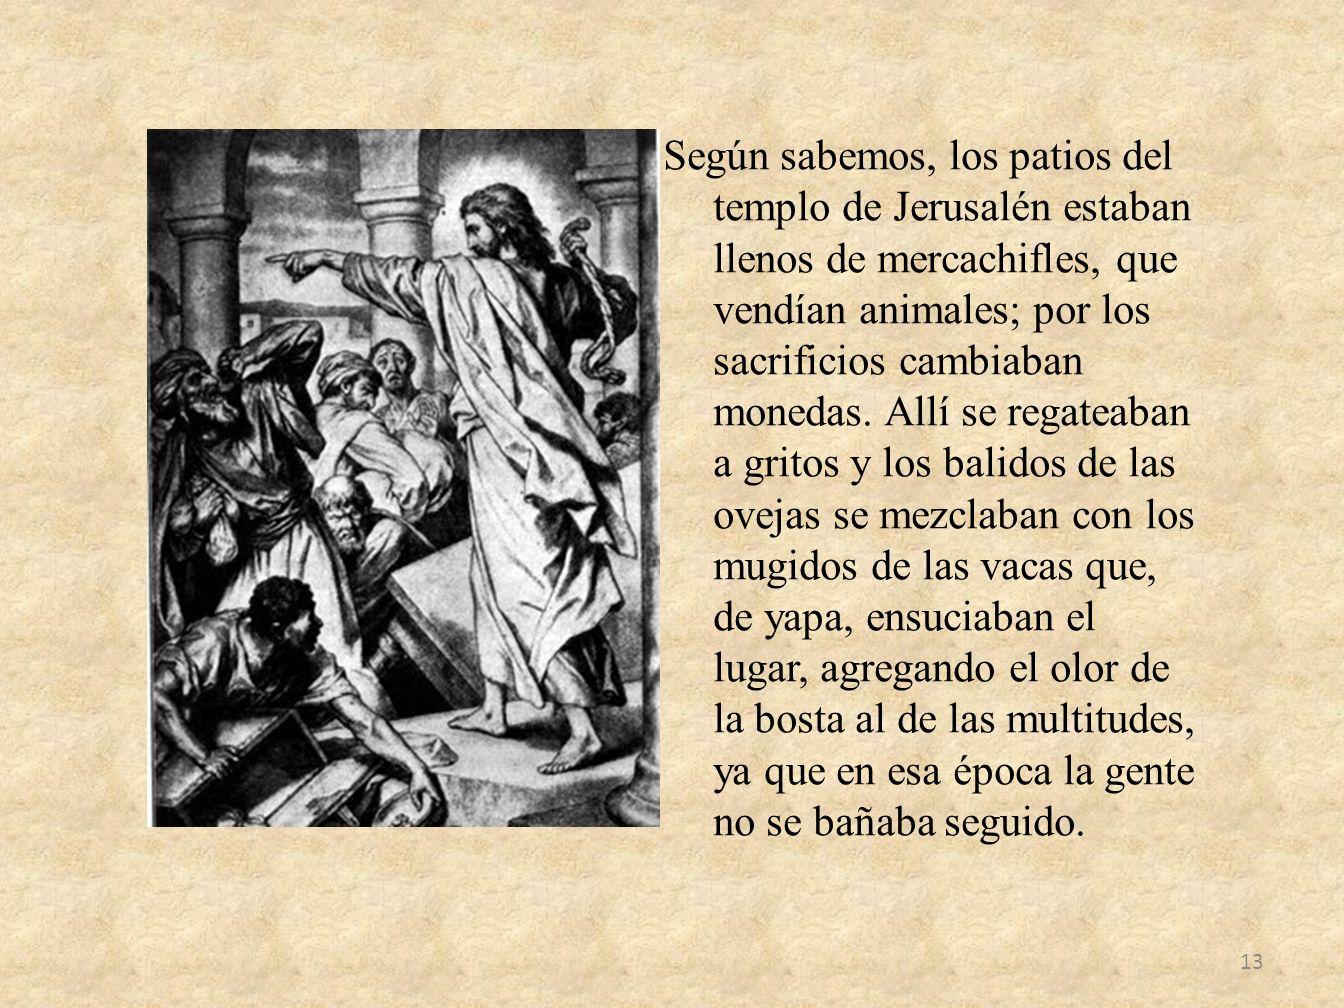 Según sabemos, los patios del templo de Jerusalén estaban llenos de mercachifles, que vendían animales; por los sacrificios cambiaban monedas. Allí se